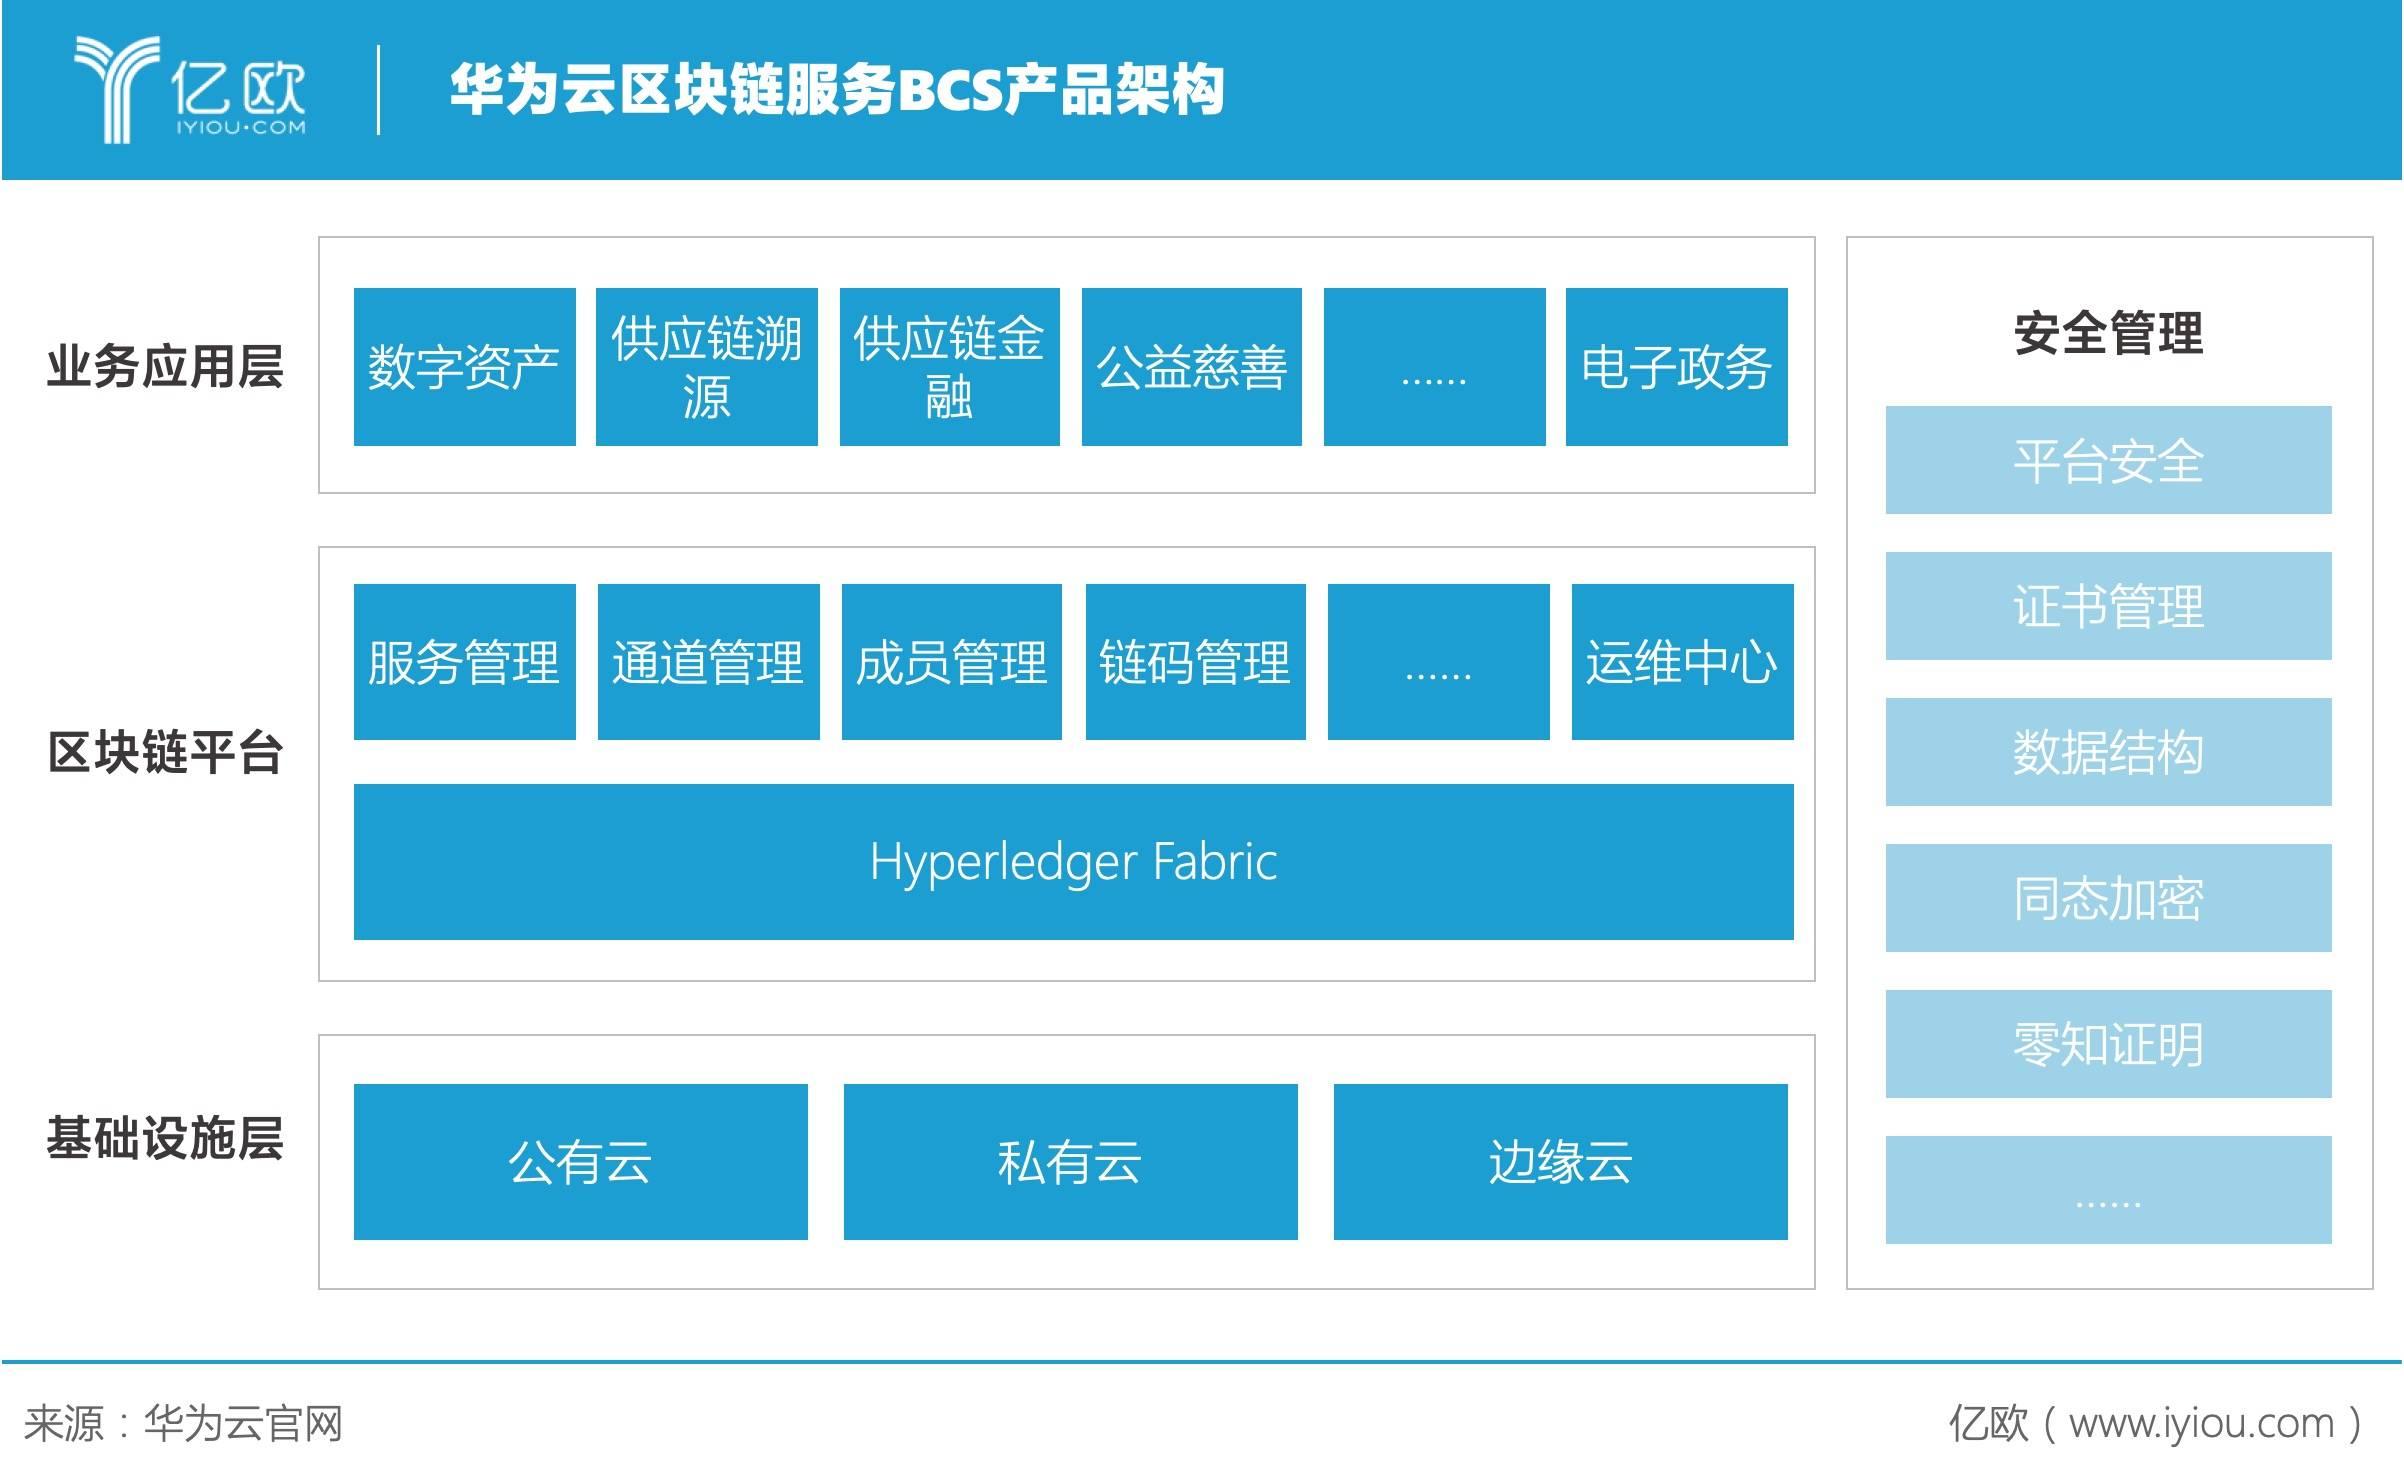 华为云区块链服务BCS产品架构